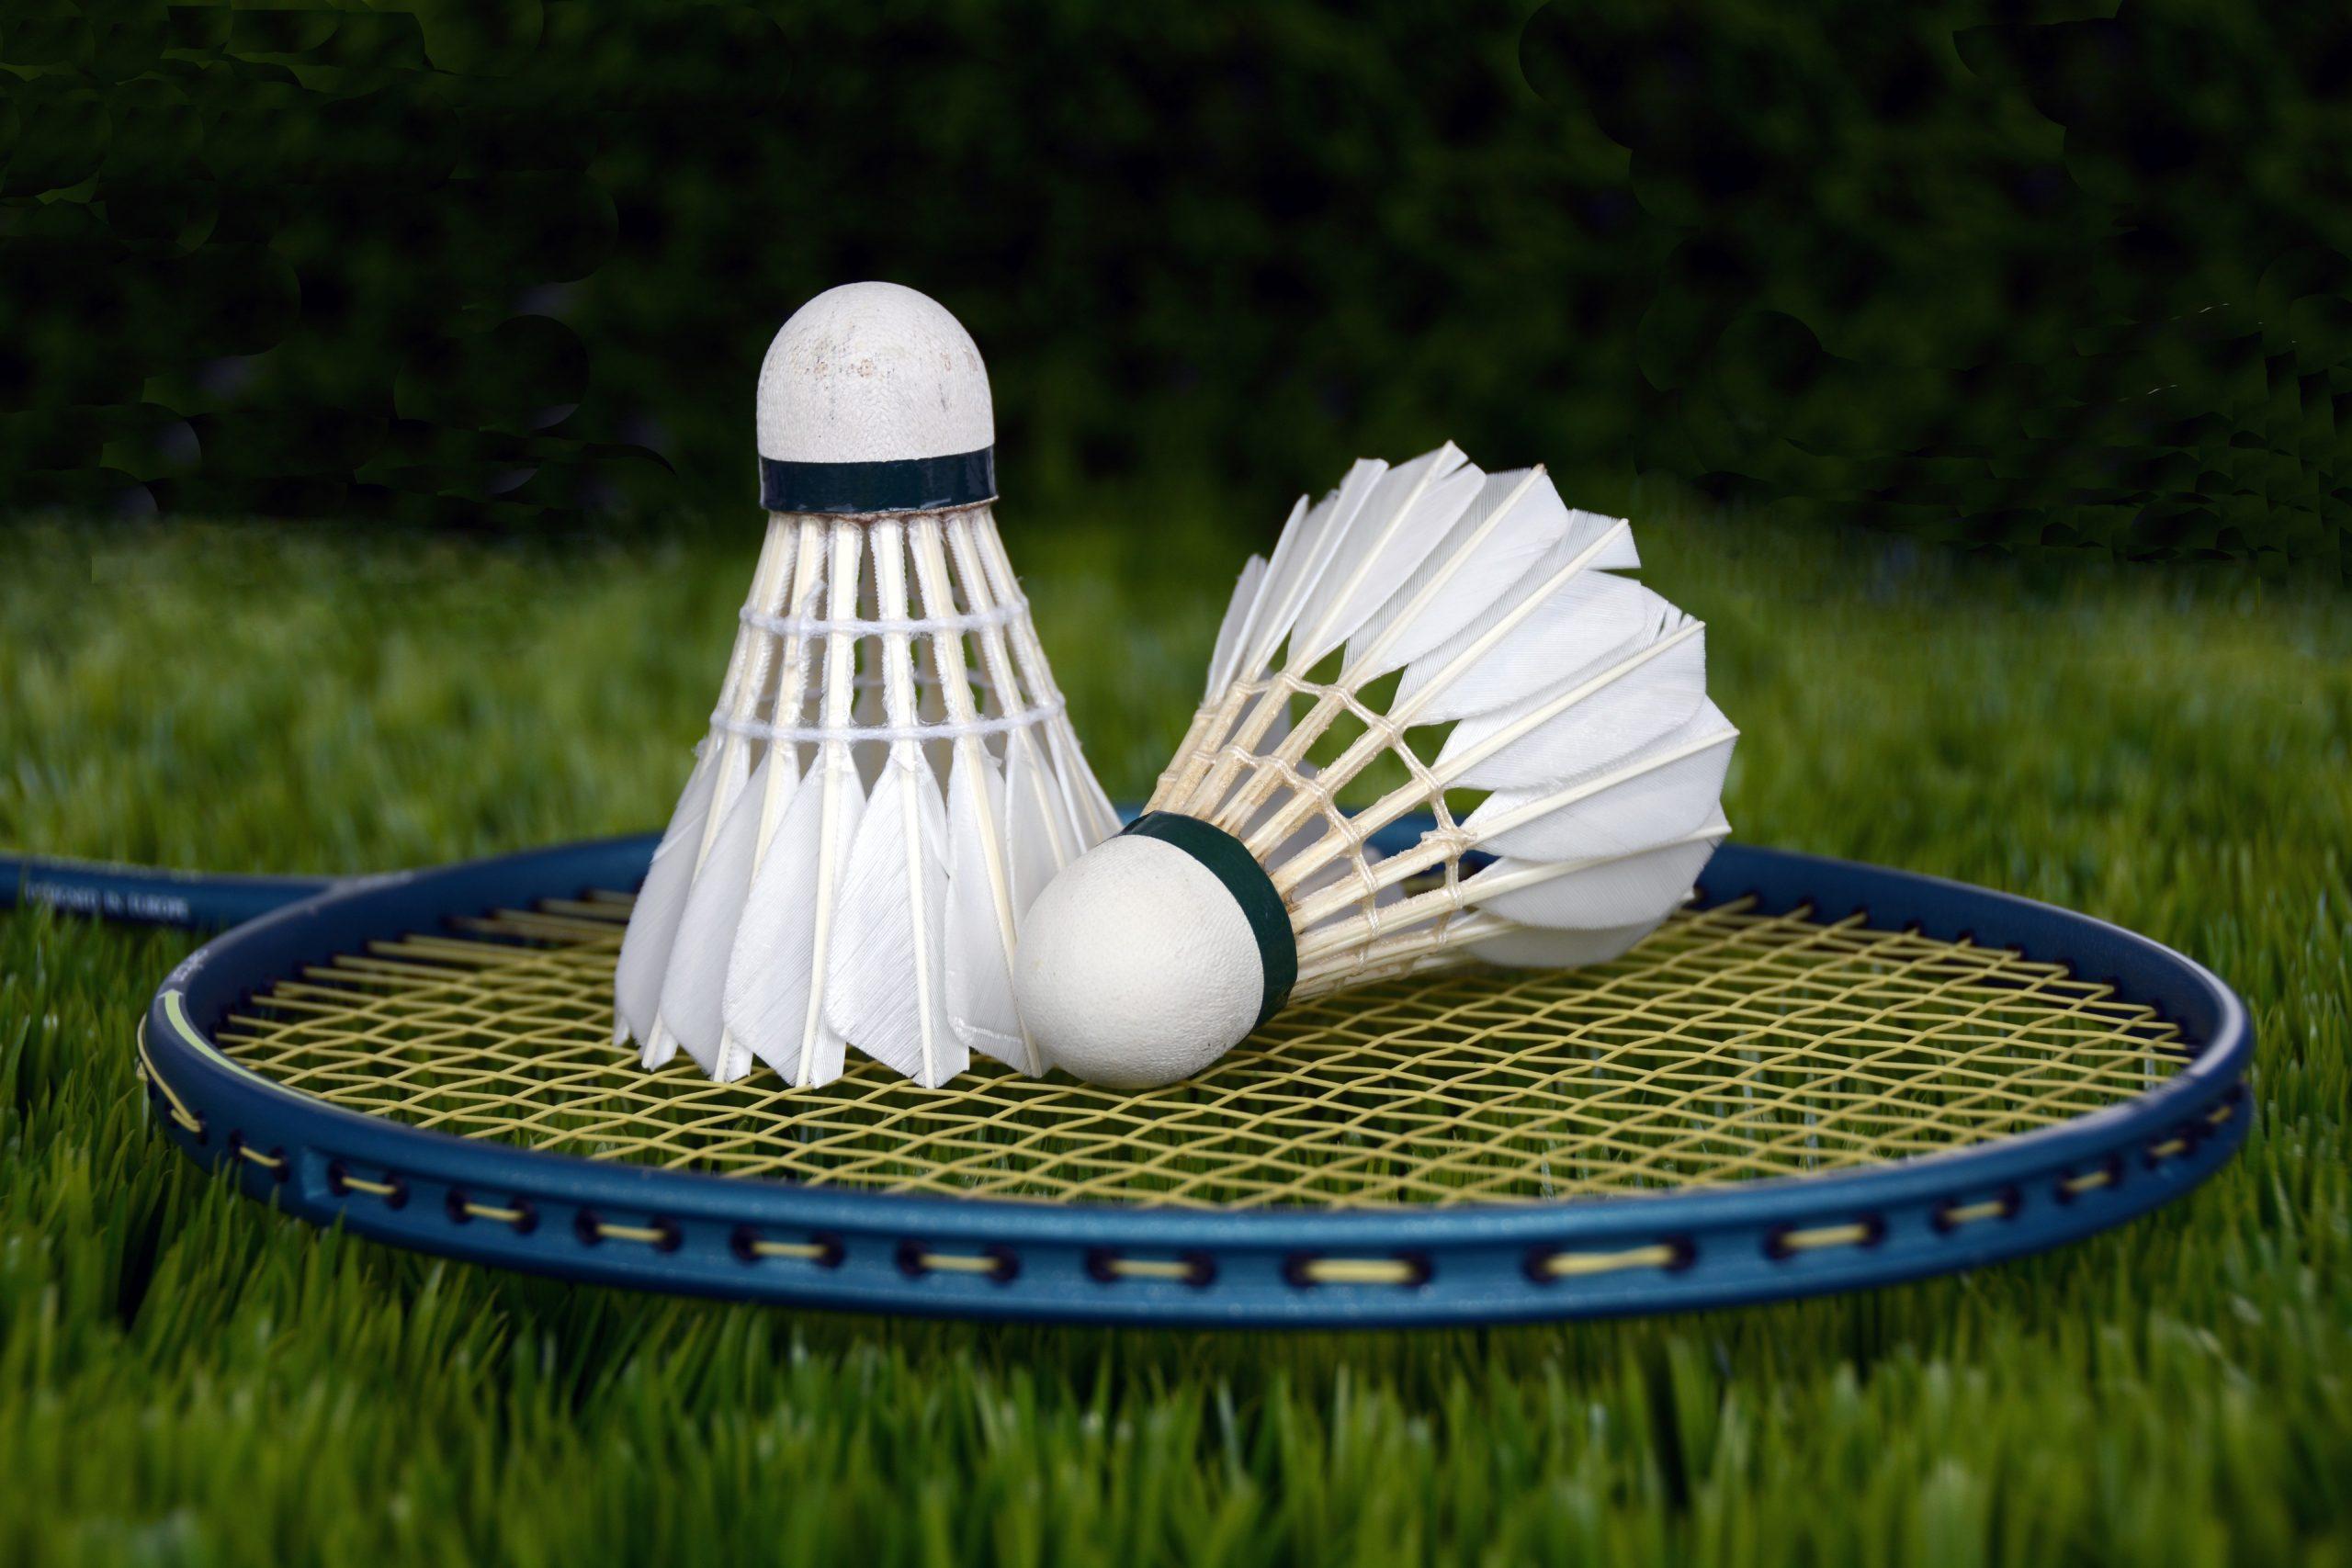 https://www.ccsaar.de/wp-content/uploads/2021/05/badminton-1428047-scaled.jpg